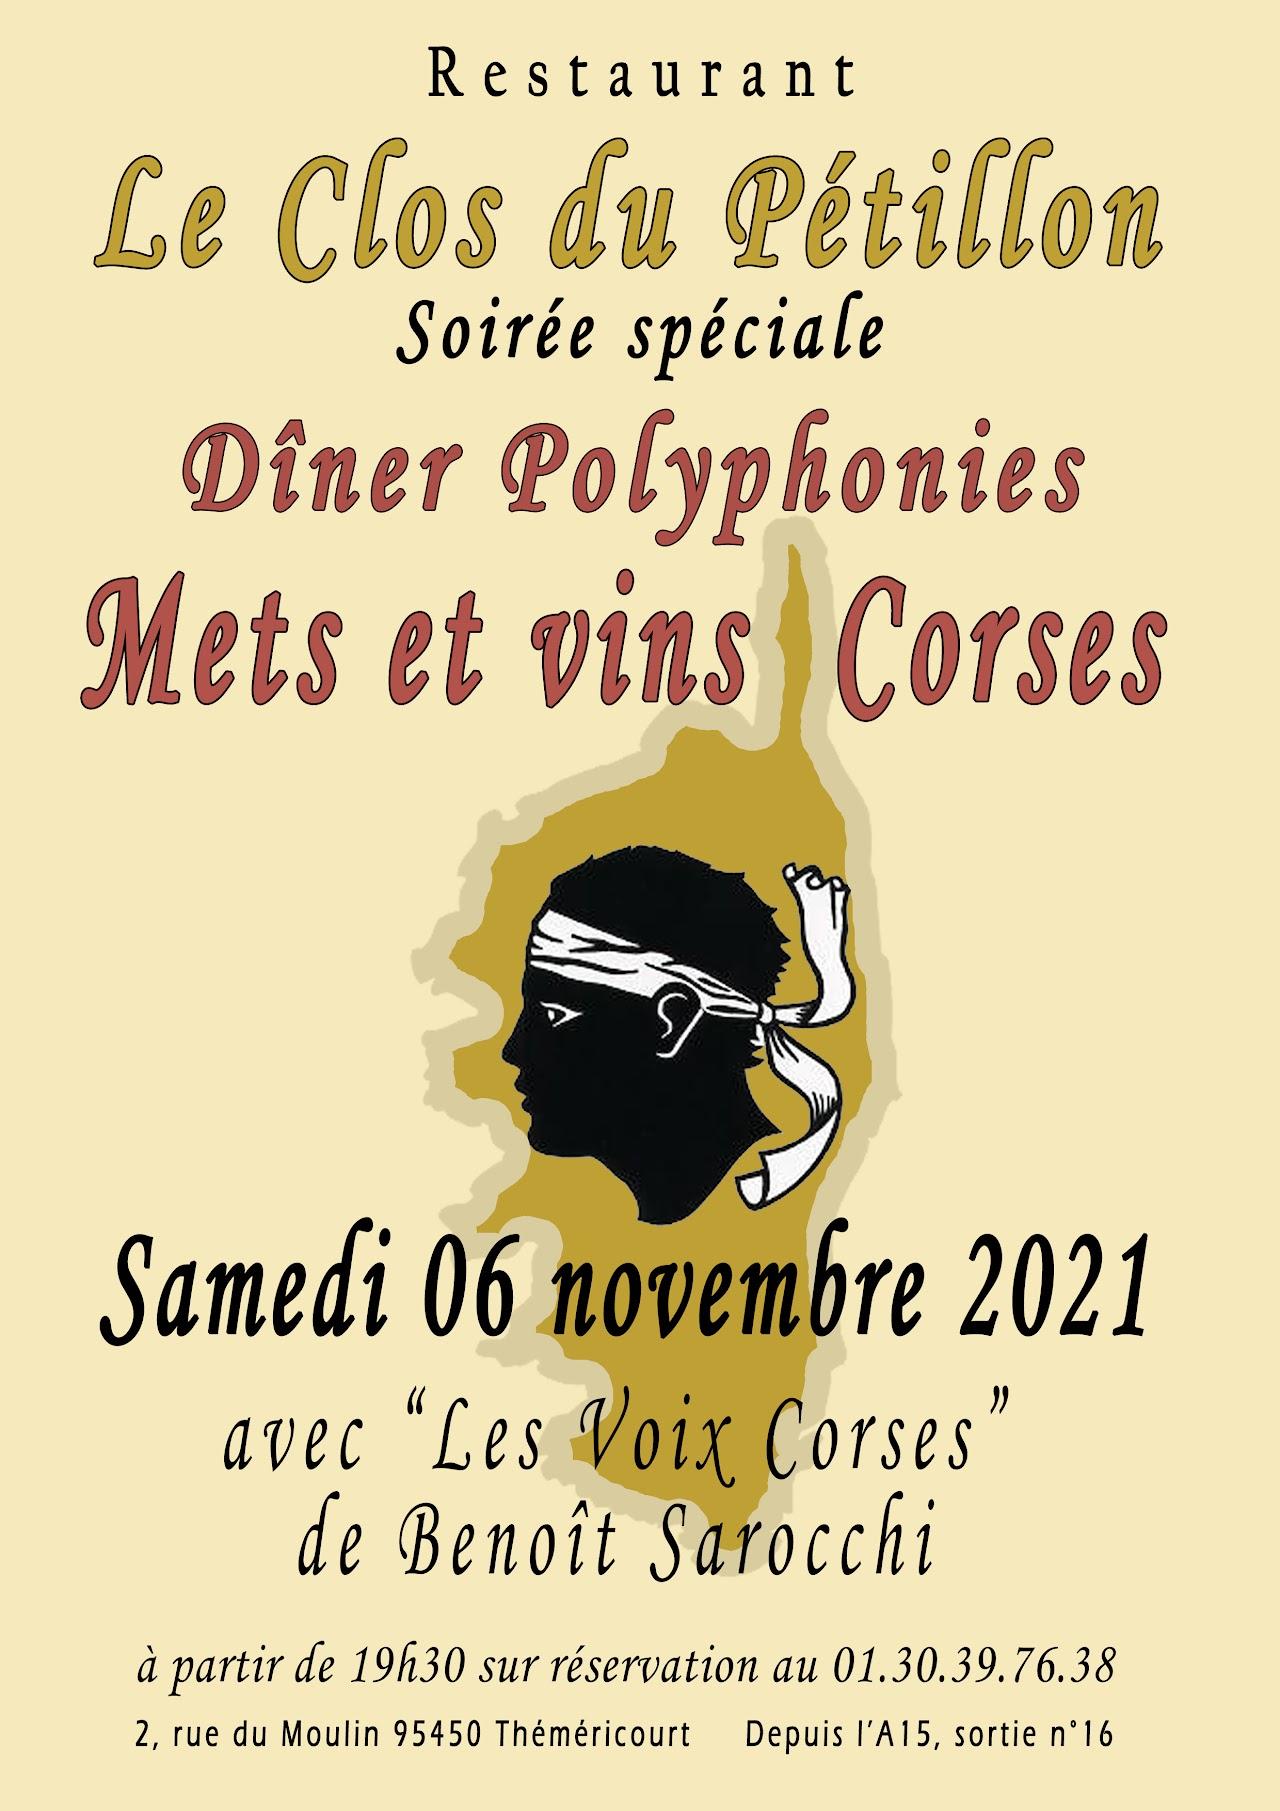 Samedi 6 novembre diner Corse